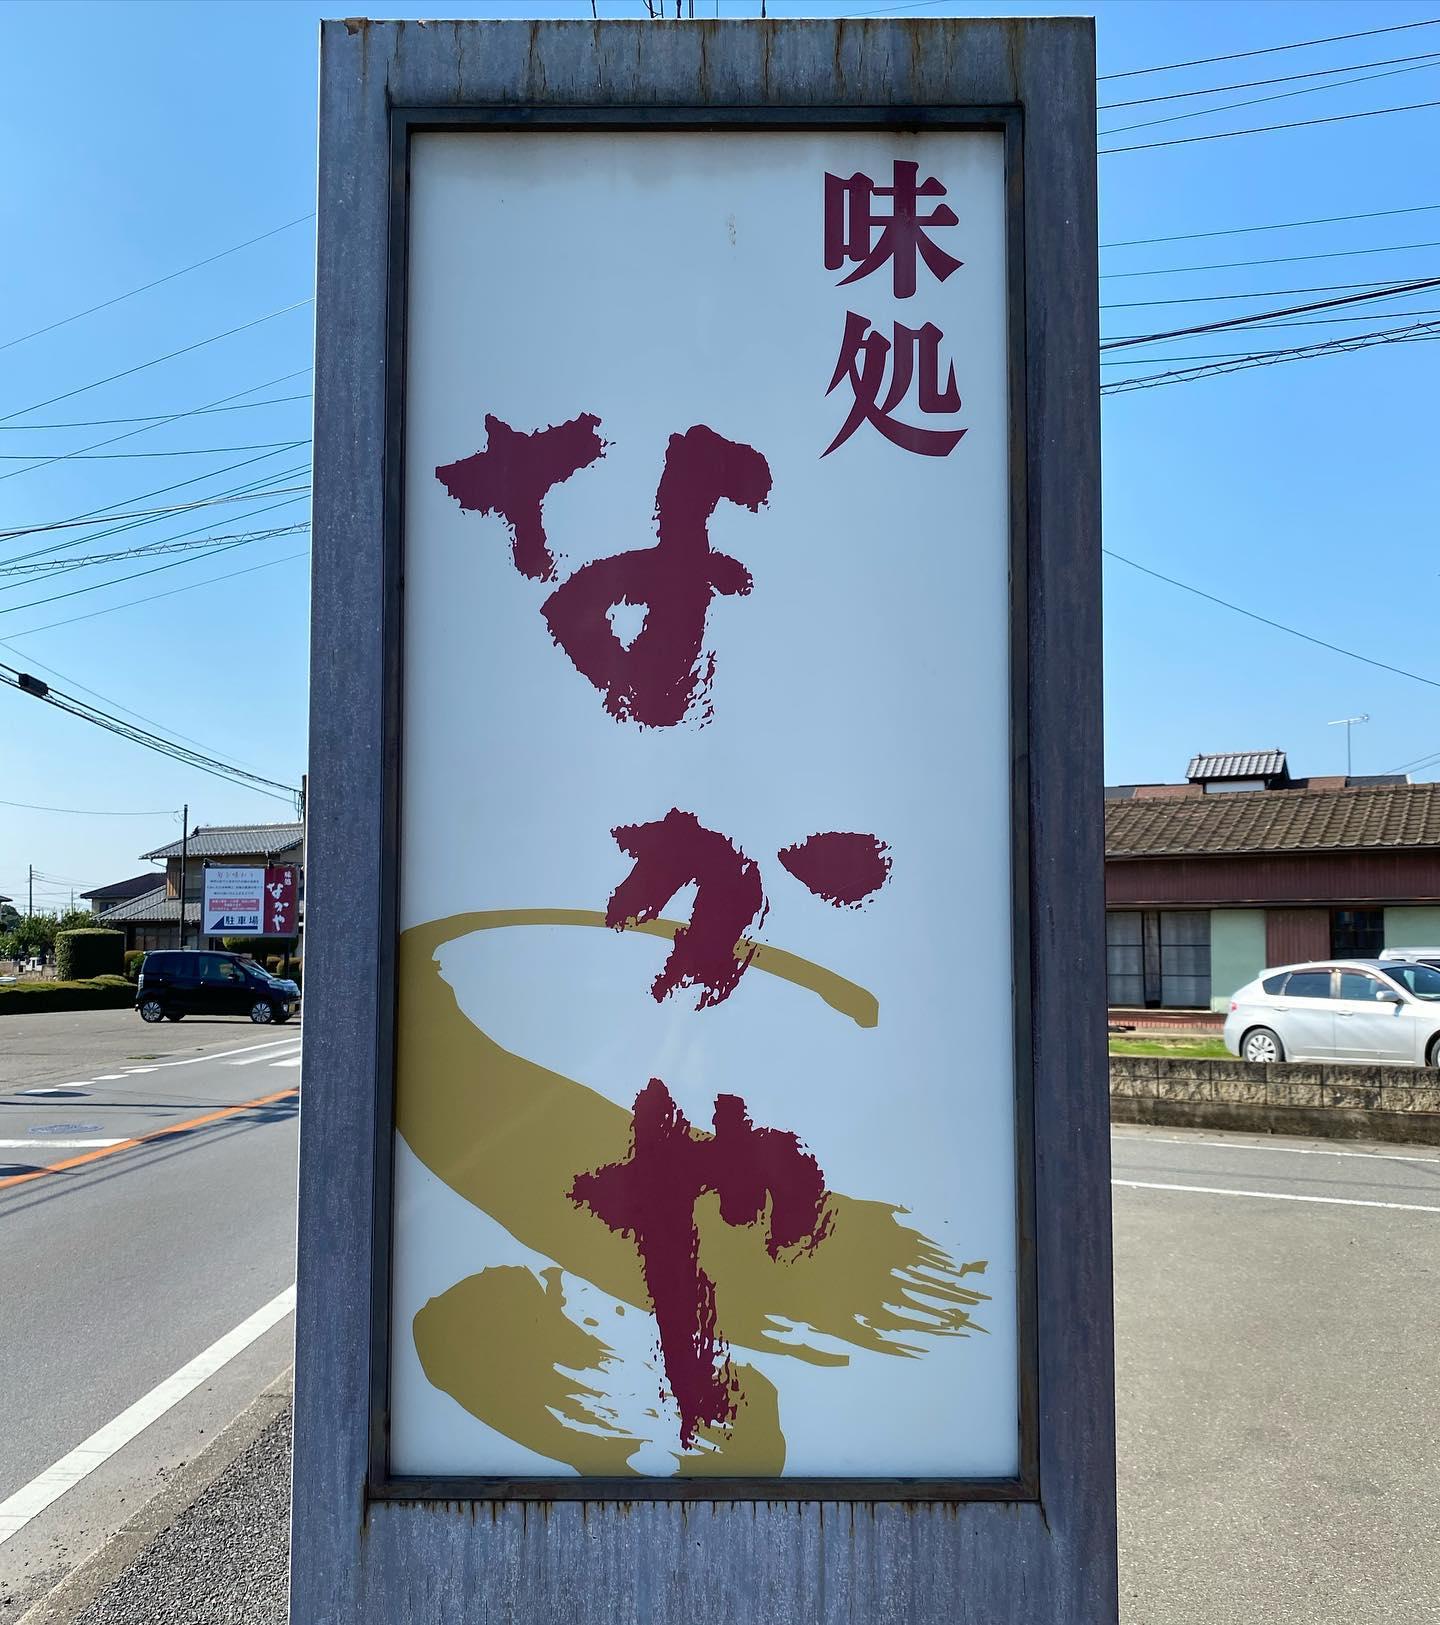 【お知らせ】 太田市が緊急事態宣言解除により、1月23日(今日)〜営業時間が通常に戻ります。  ・[昼] 11:00〜14:30(ラストオーダー14:00) ・[夜] 17:00〜22:00(ラストオーダー21:00)  みなさん消毒などの対策を気をつけていきながら過ごしていきましょう! 当店もみなさんに安心してご来店いただけるよう対策の方の徹底を継続していきますのでご来店の方心よりお待ちしております。  ※HPはインスタプロフィールのURLからご覧下さい